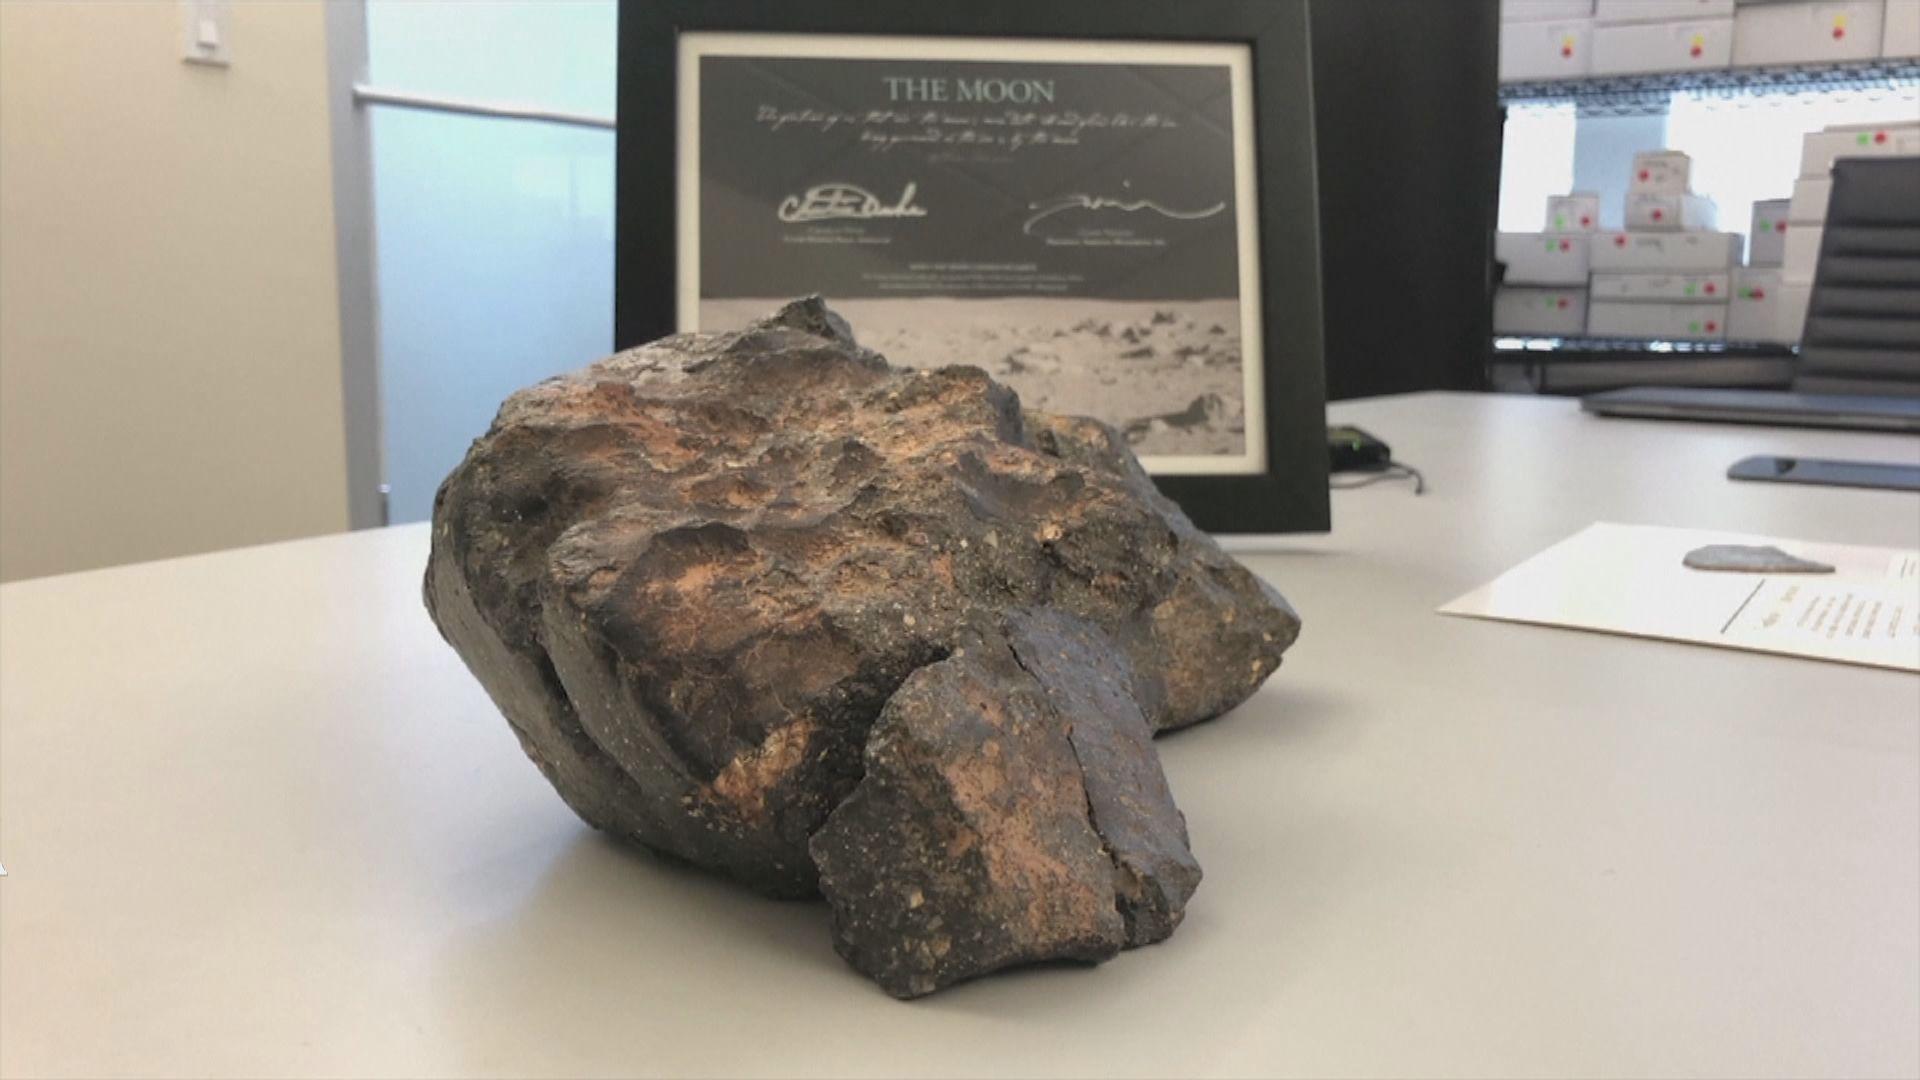 【環球薈報】全球最大月球隕石將於美國拍賣